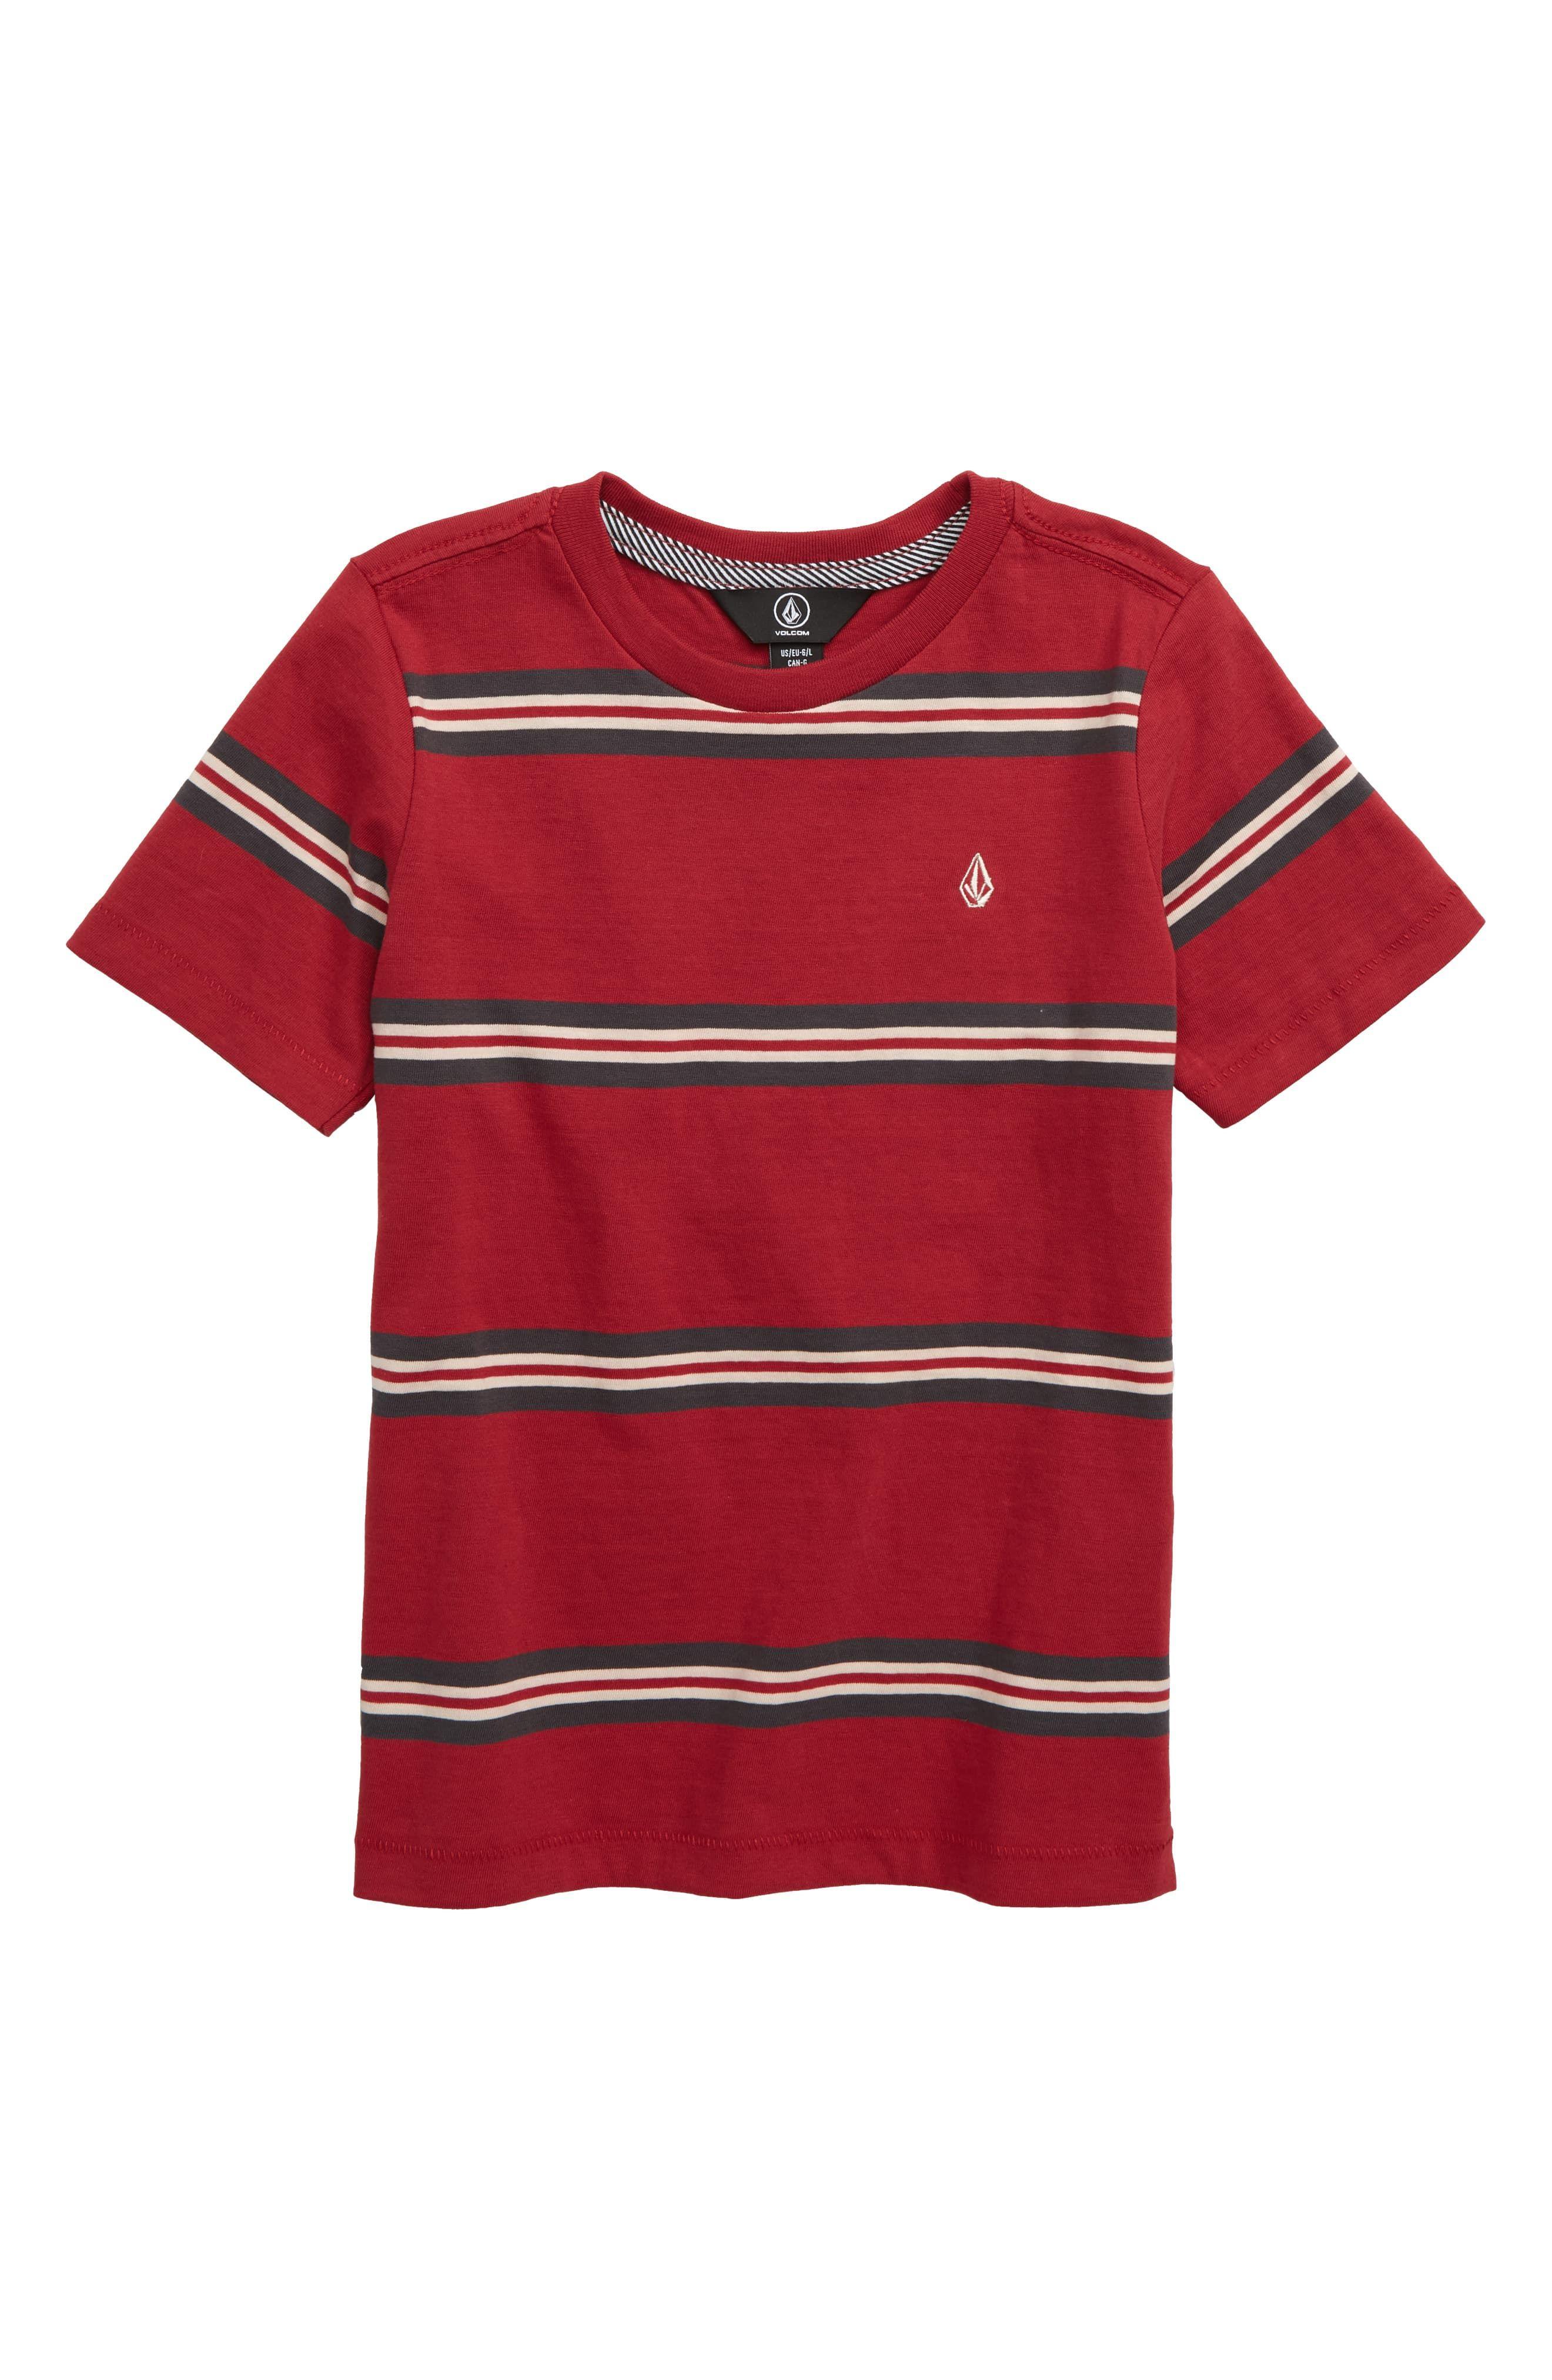 Volcom Beauville Stripe T Shirt (Toddler Boys & Little Boys